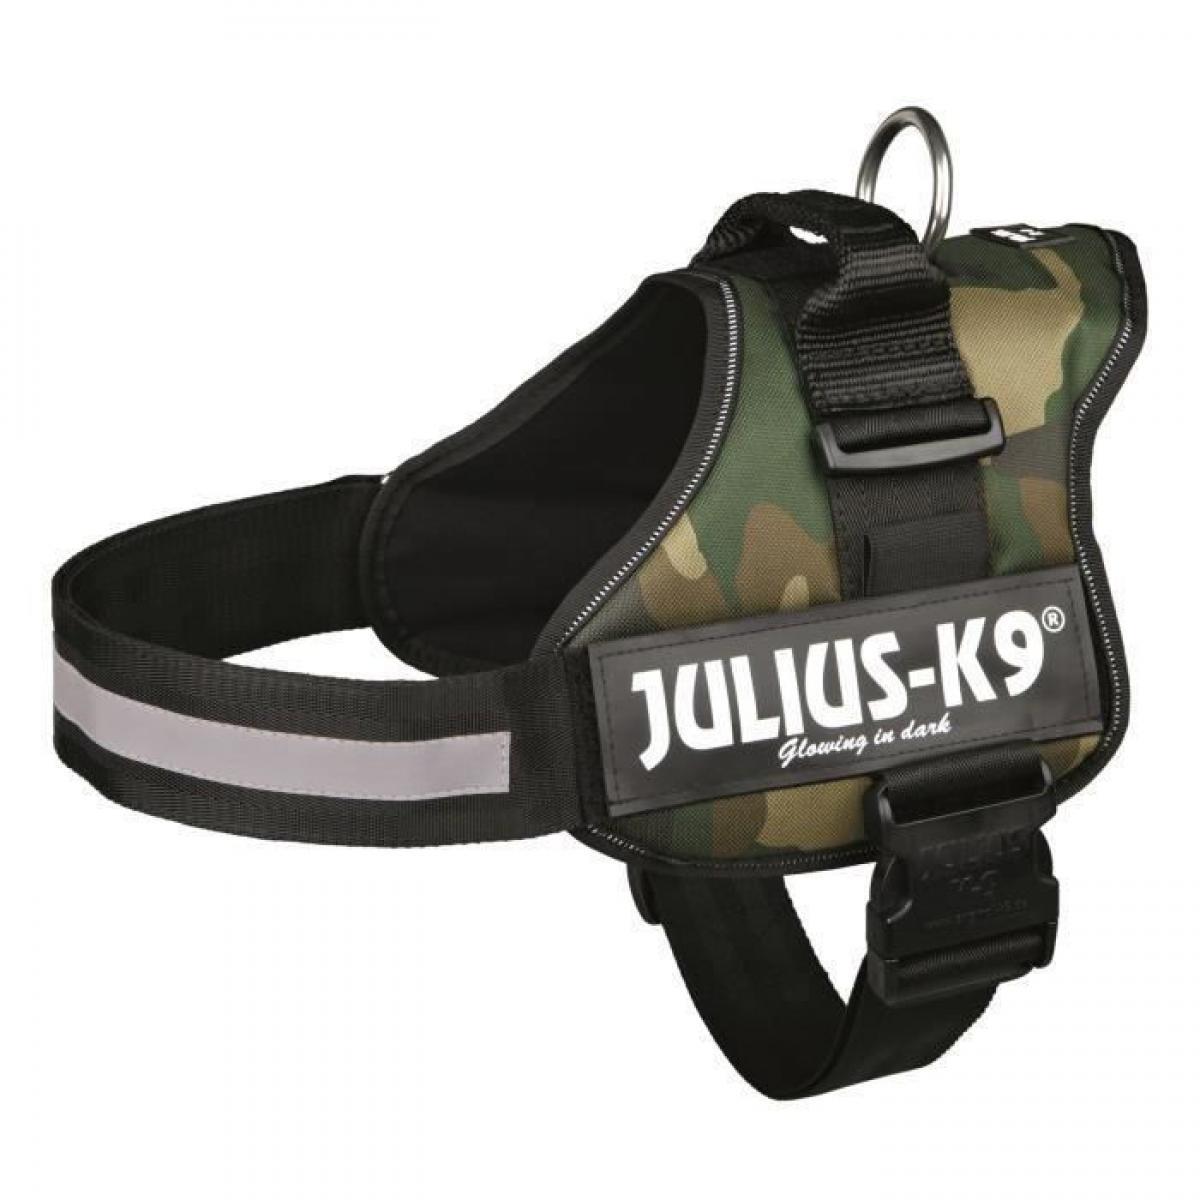 Julius K9 Harnais Power Julius-K9 - 2 - L-XL : 71-96 cm-50 mm - Camouflage - Pour chien